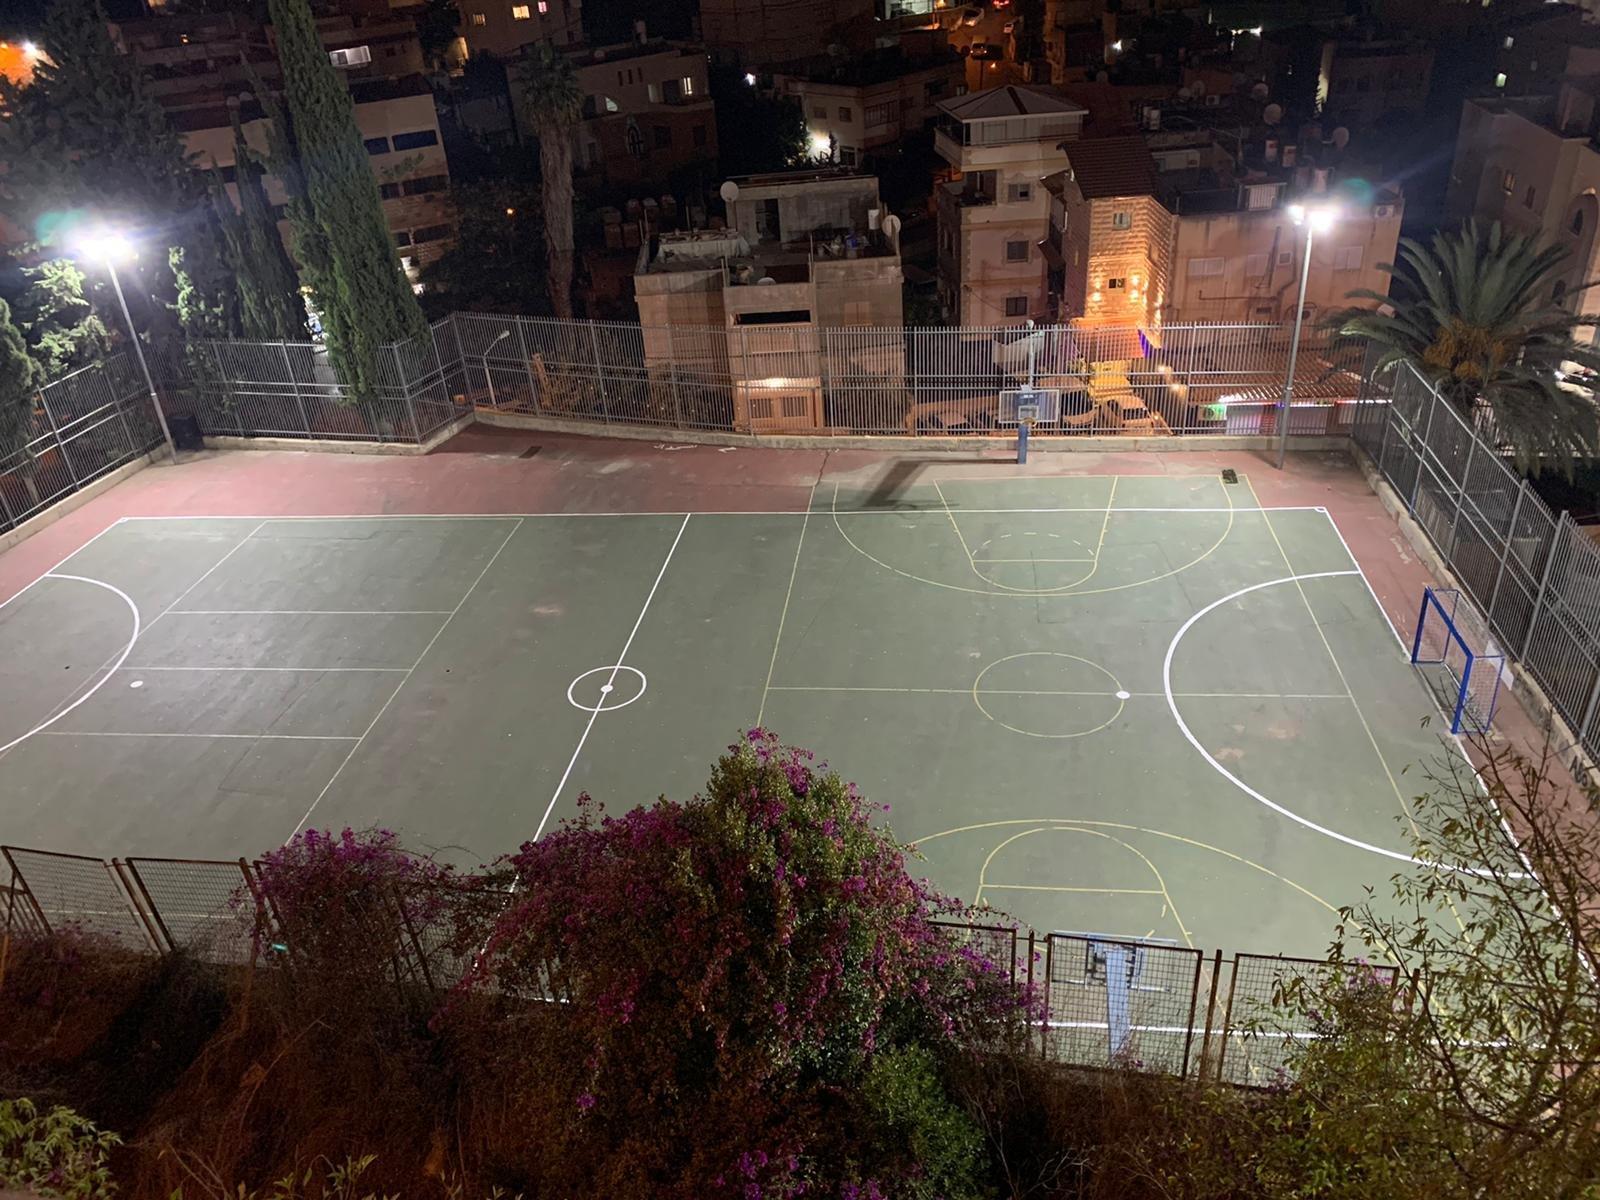 الناصرة:عضو بلدية الناصرة فراس حمدان يضيء ملعب نادي المجد على نفقته الخاصة